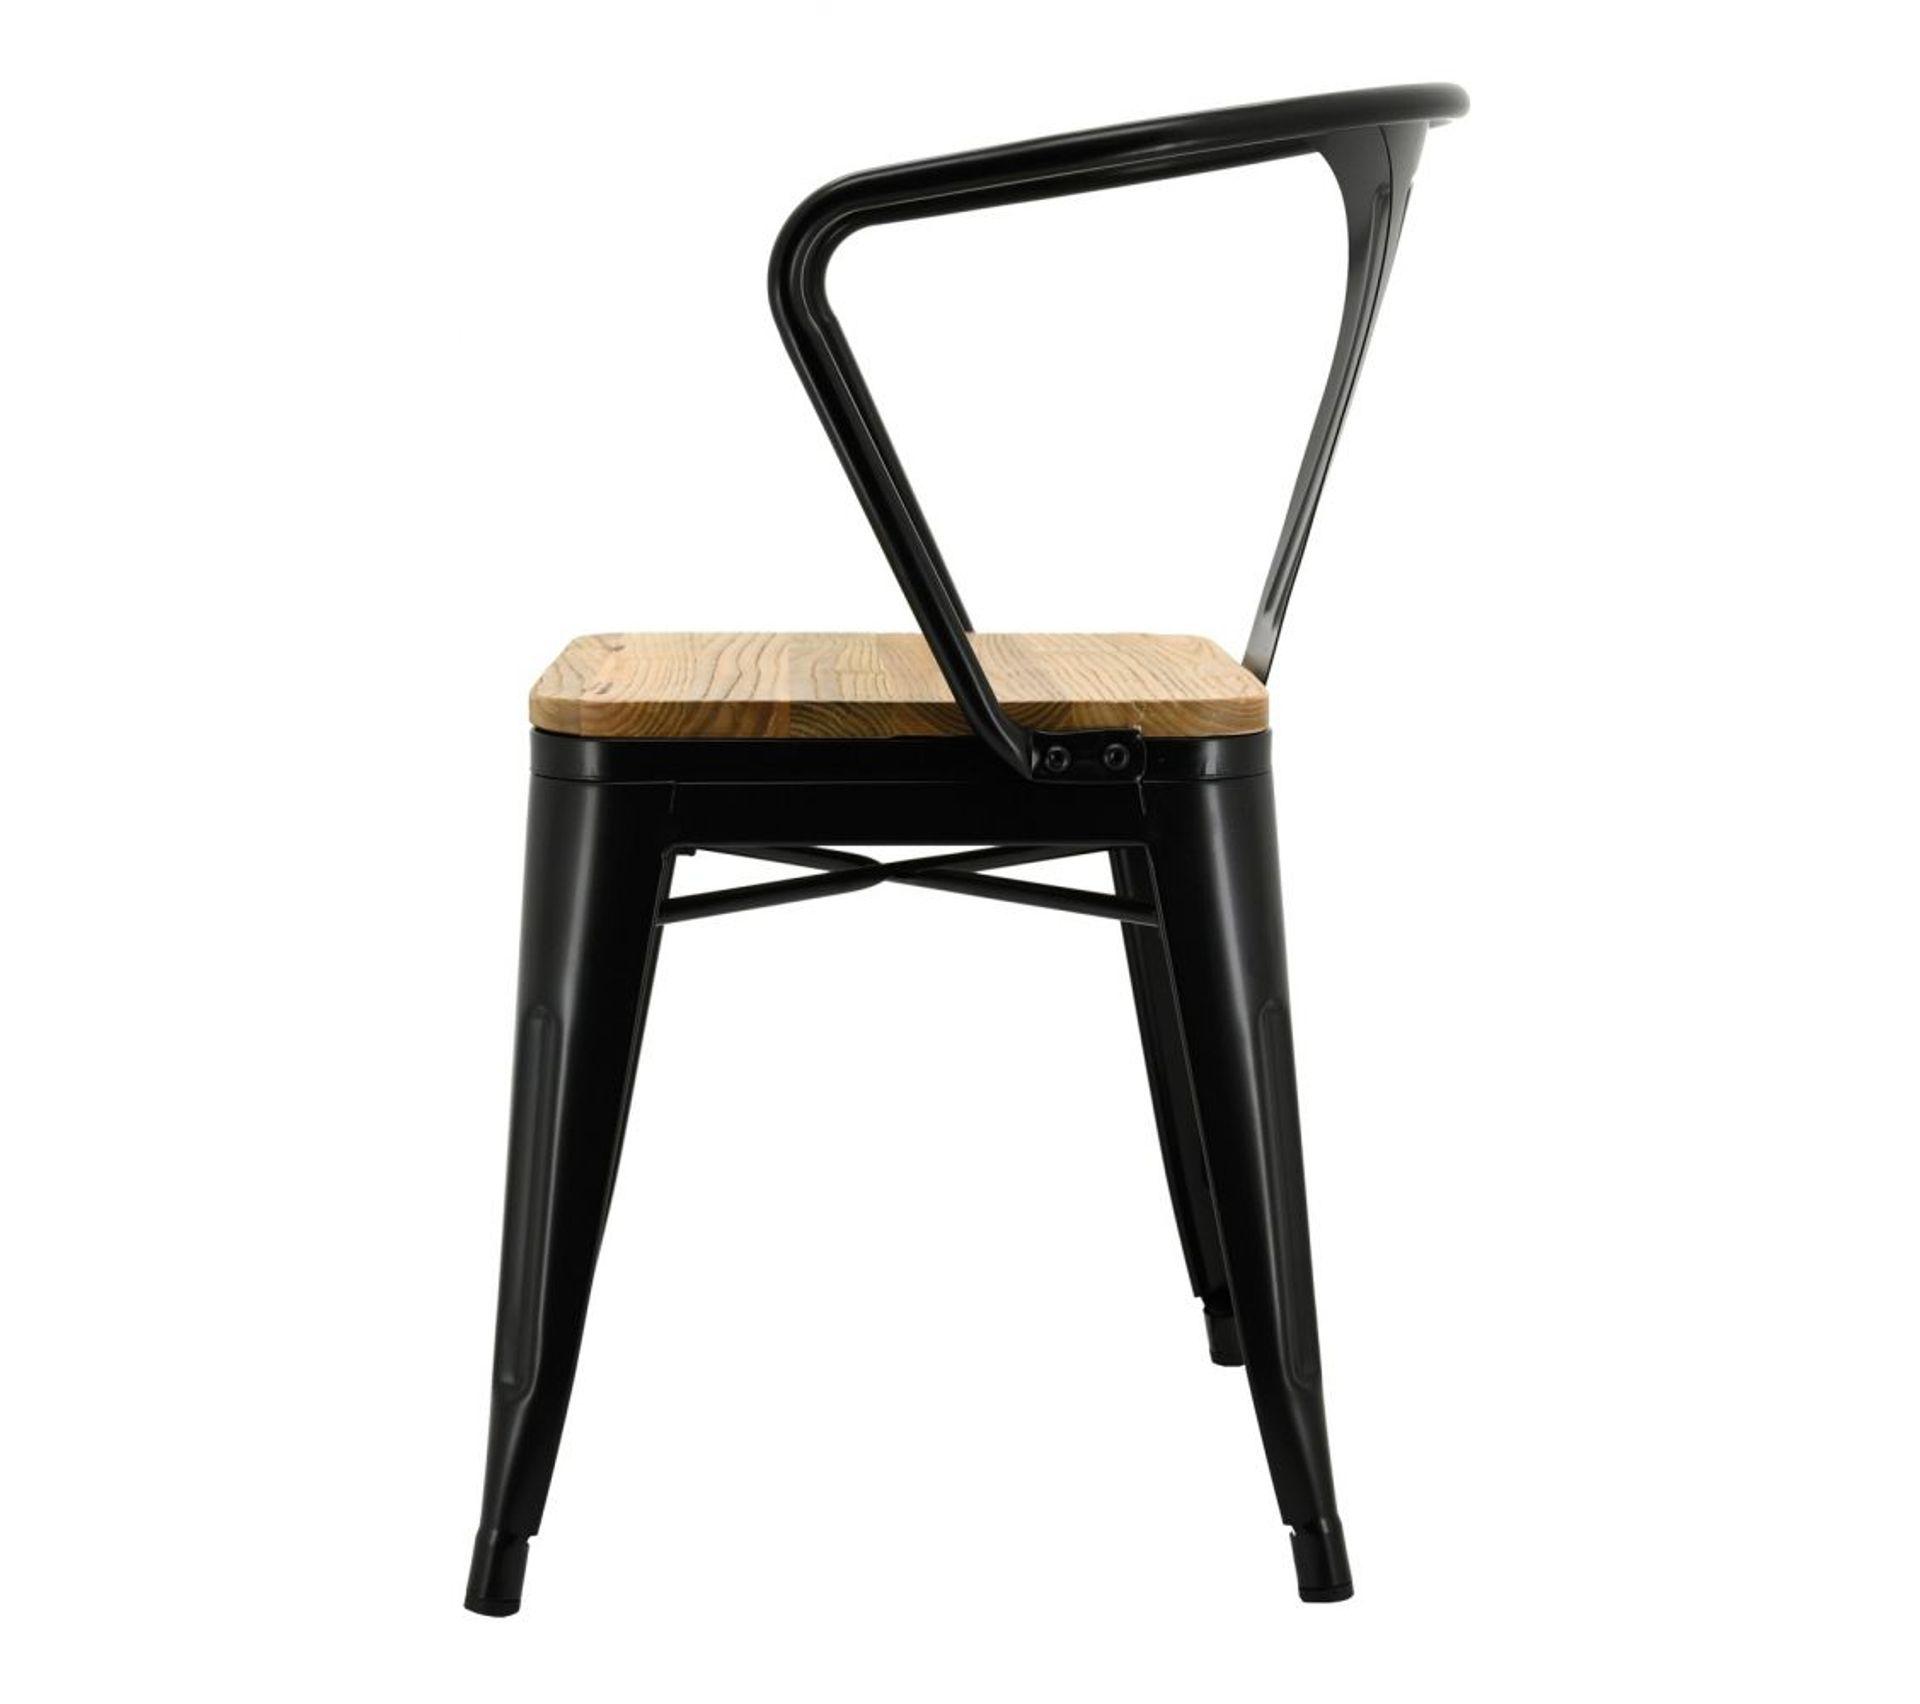 Chaise Bois Et Metal Industriel chaise industrielle en métal et bois dorme lot de 4